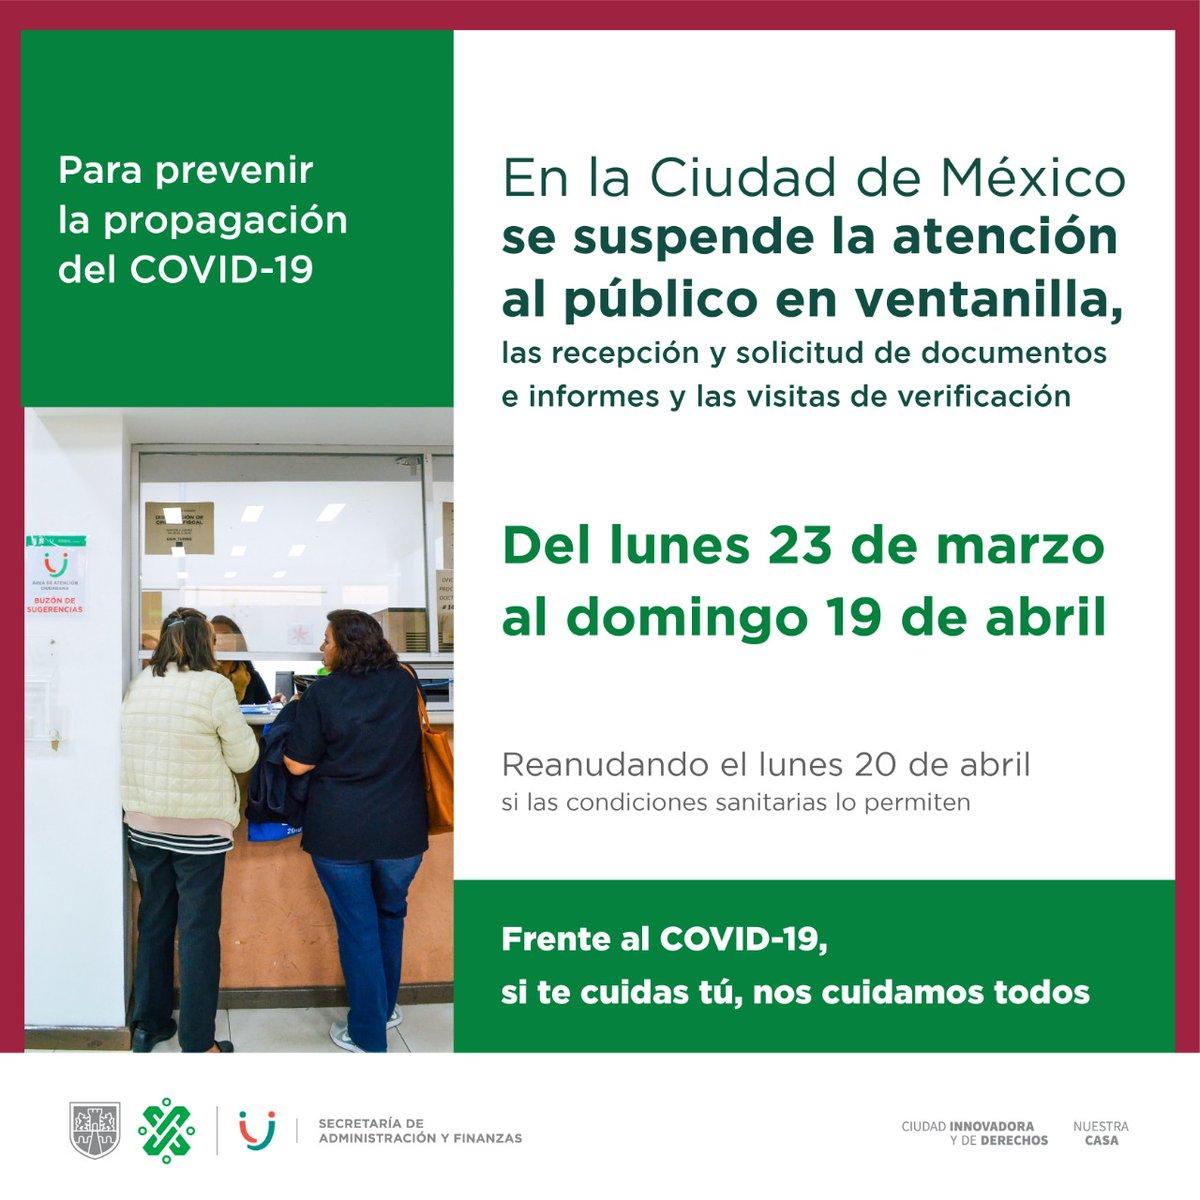 #QueNoSeTePase Desde el 23 de marzo de 2020 hasta el domingo 19 de abril está suspendida la atención al público por ventanilla, como medida para prevenir la propagación del #Covid19  en la Ciudad de México. #QuédateEnCasaCDMX